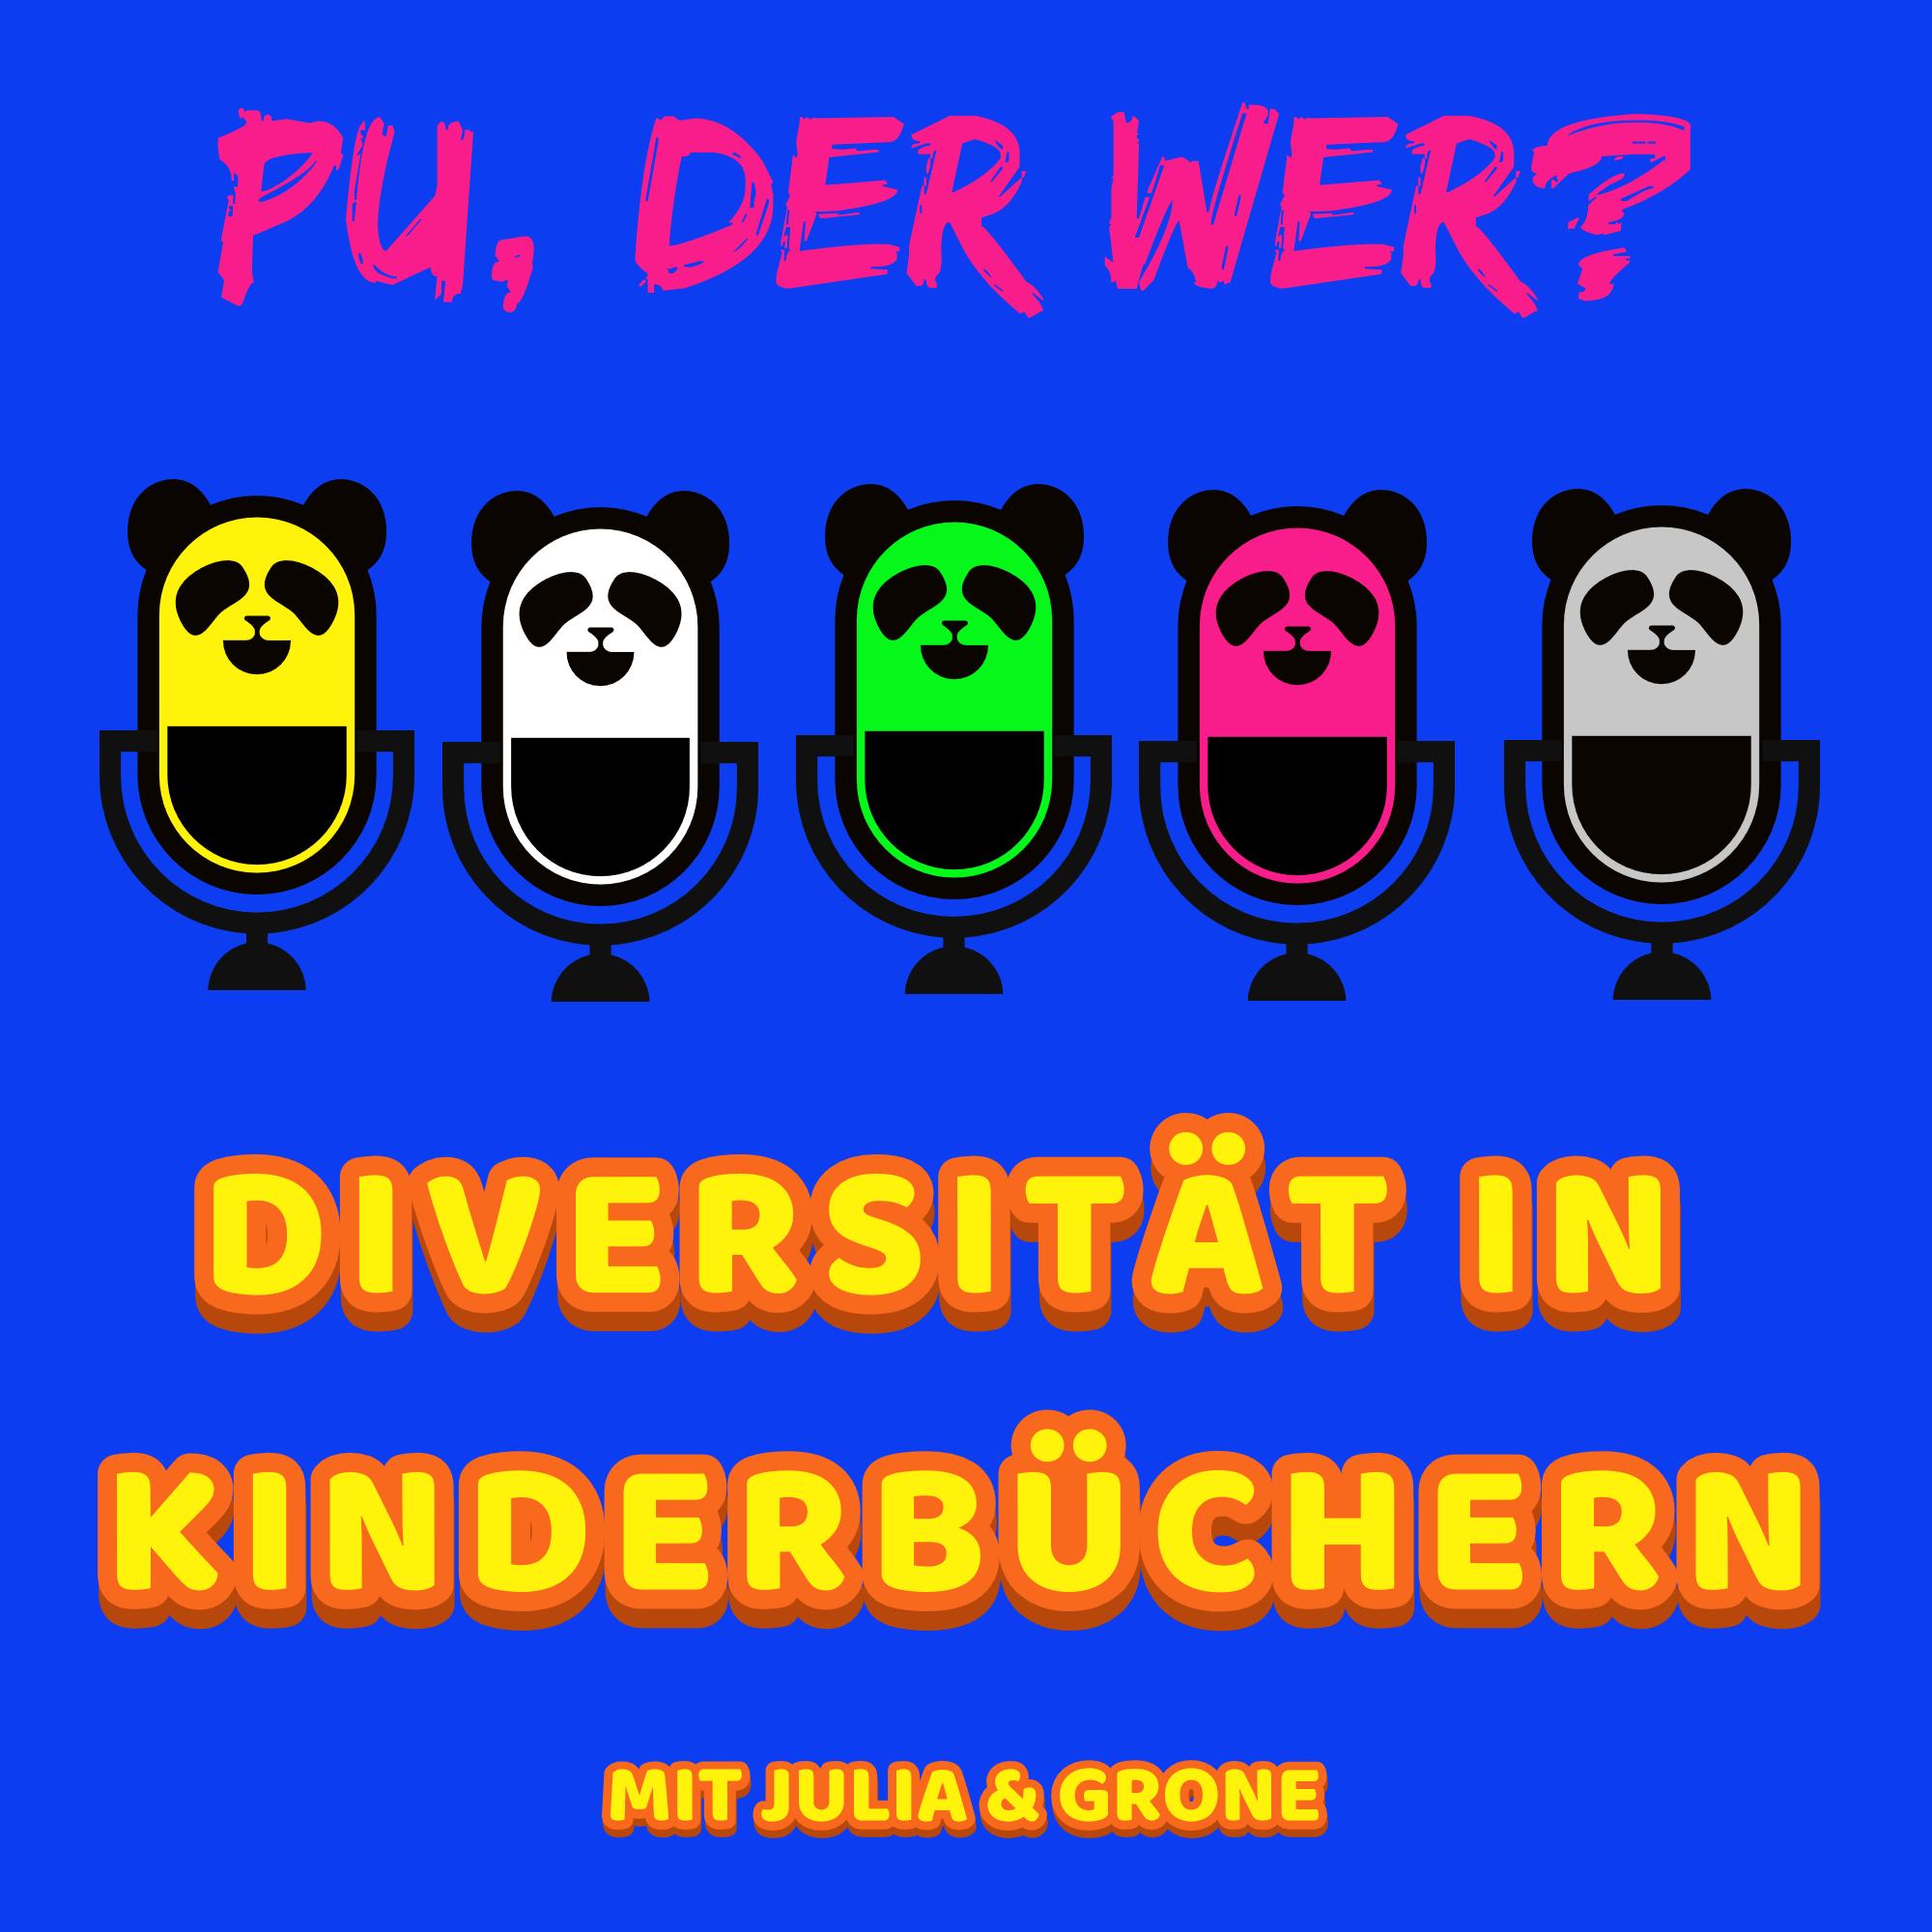 Bilderbücher, Kinderbücher, Blacklifesmatter, Vorurteile, mit Kindern über Rassismus sprechen